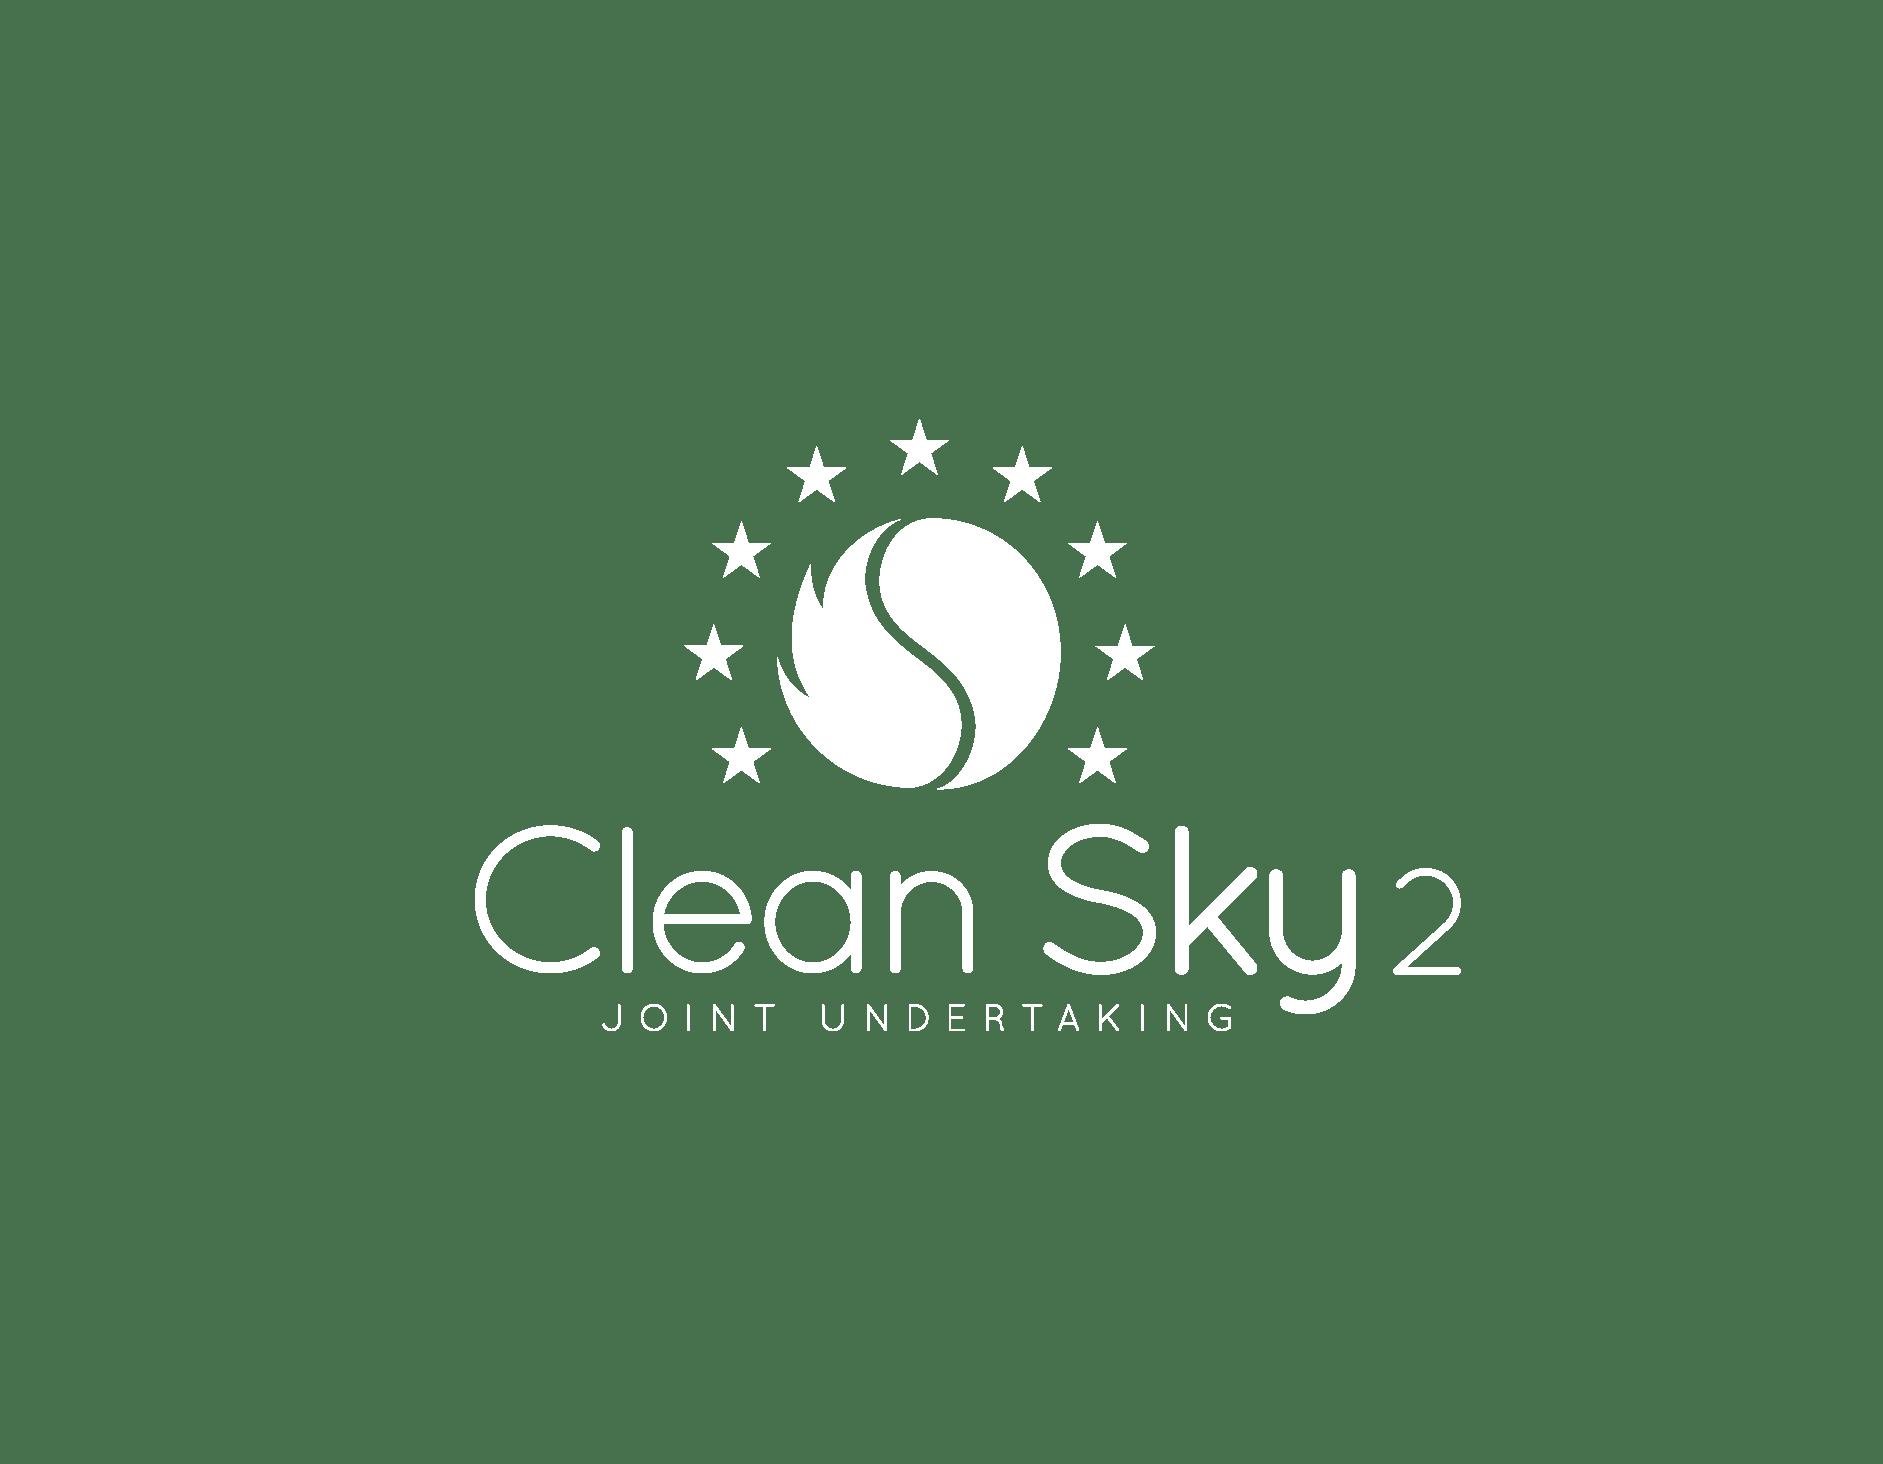 Cleansky JU